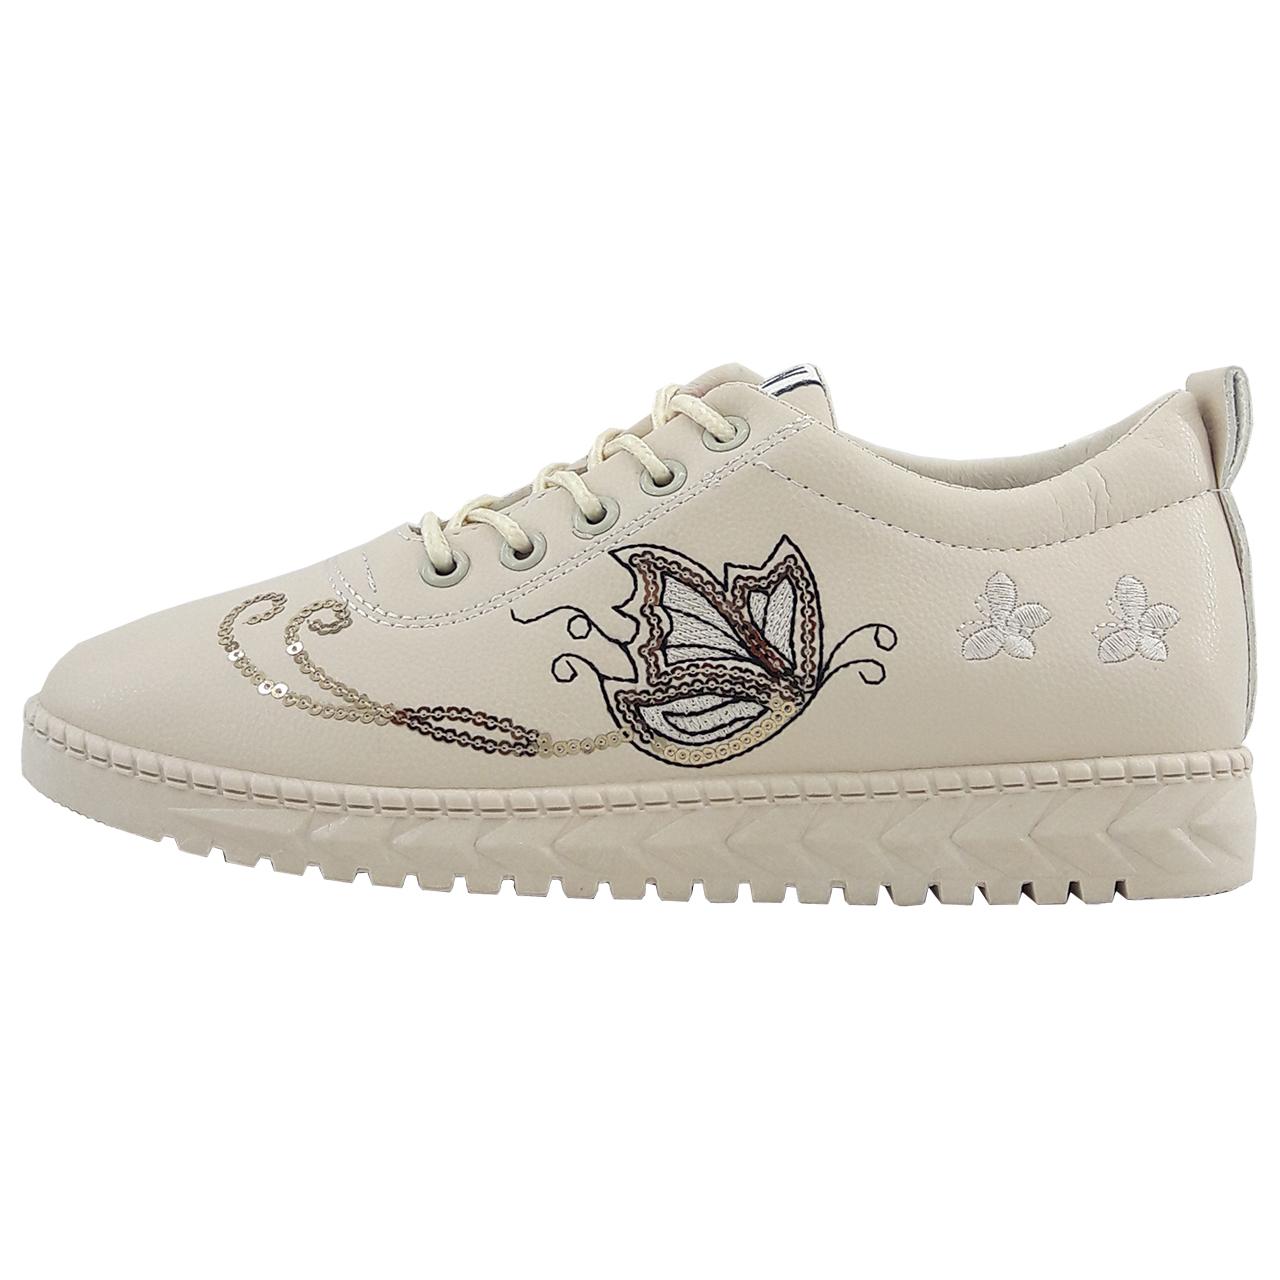 کفش راحتی زنانه مدل Prv.kr.gld-01